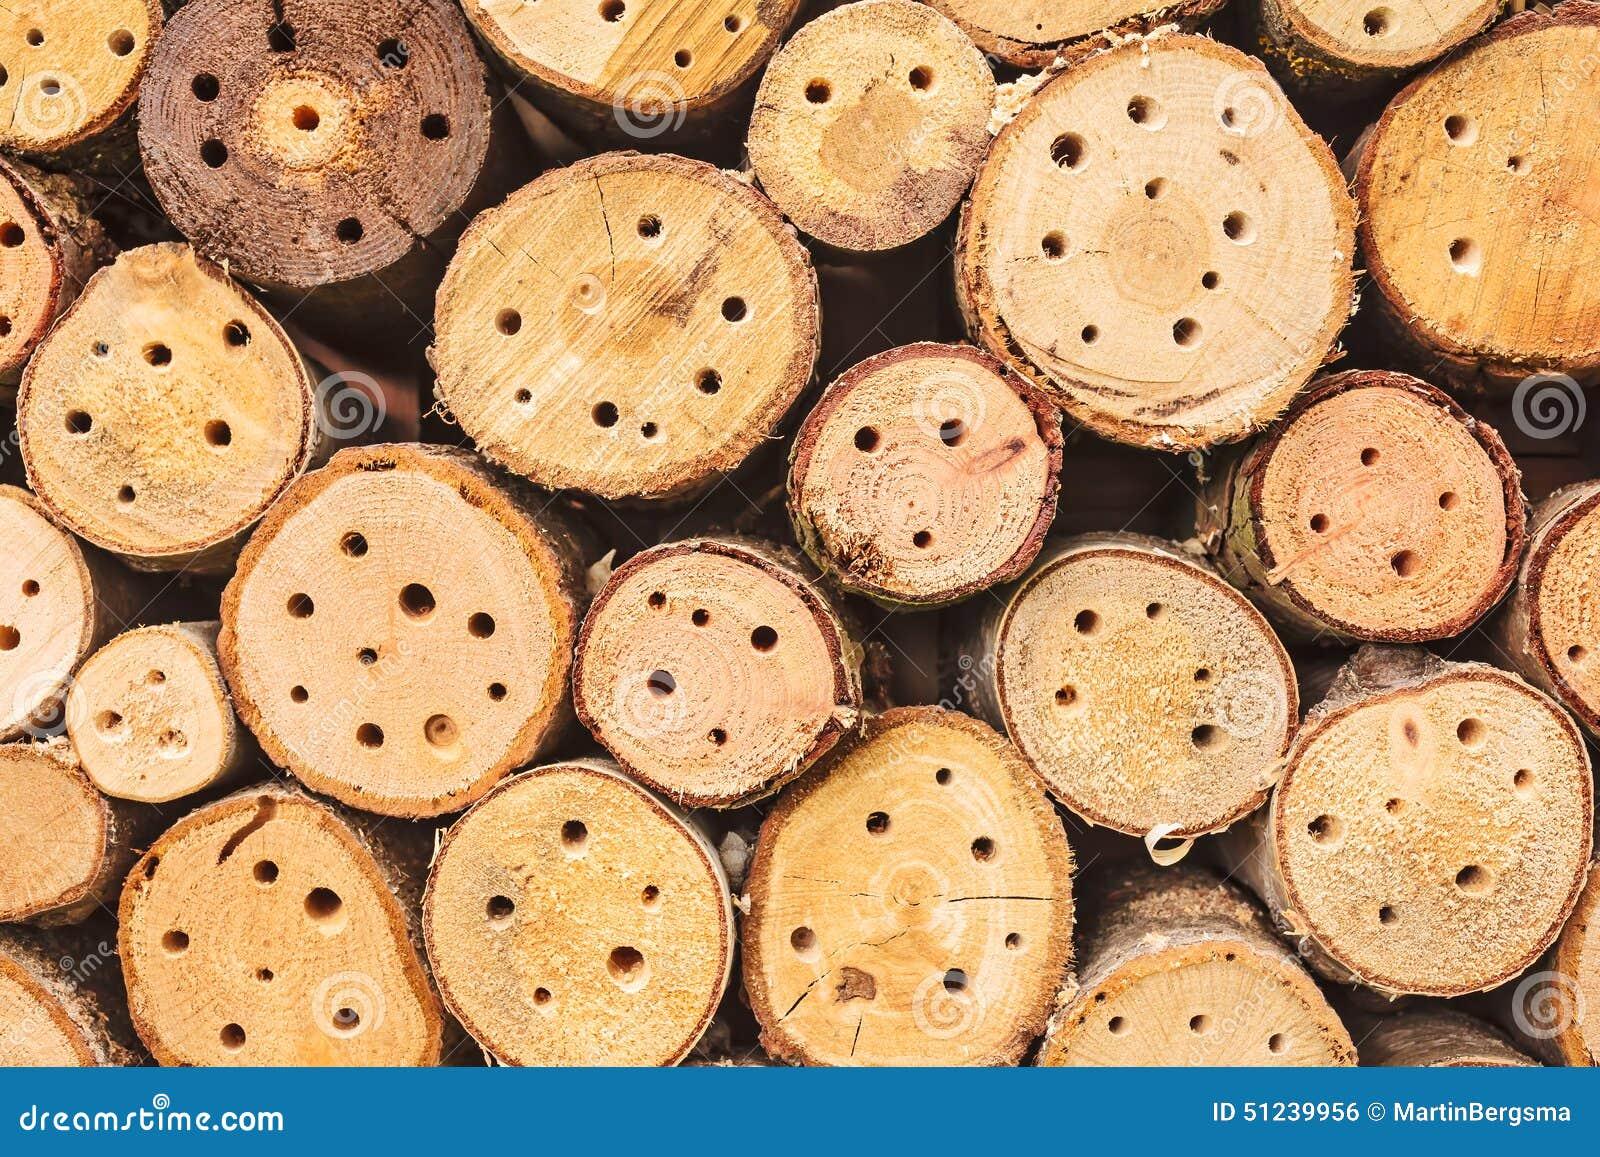 Abrigo do inseto feito de troncos de madeira